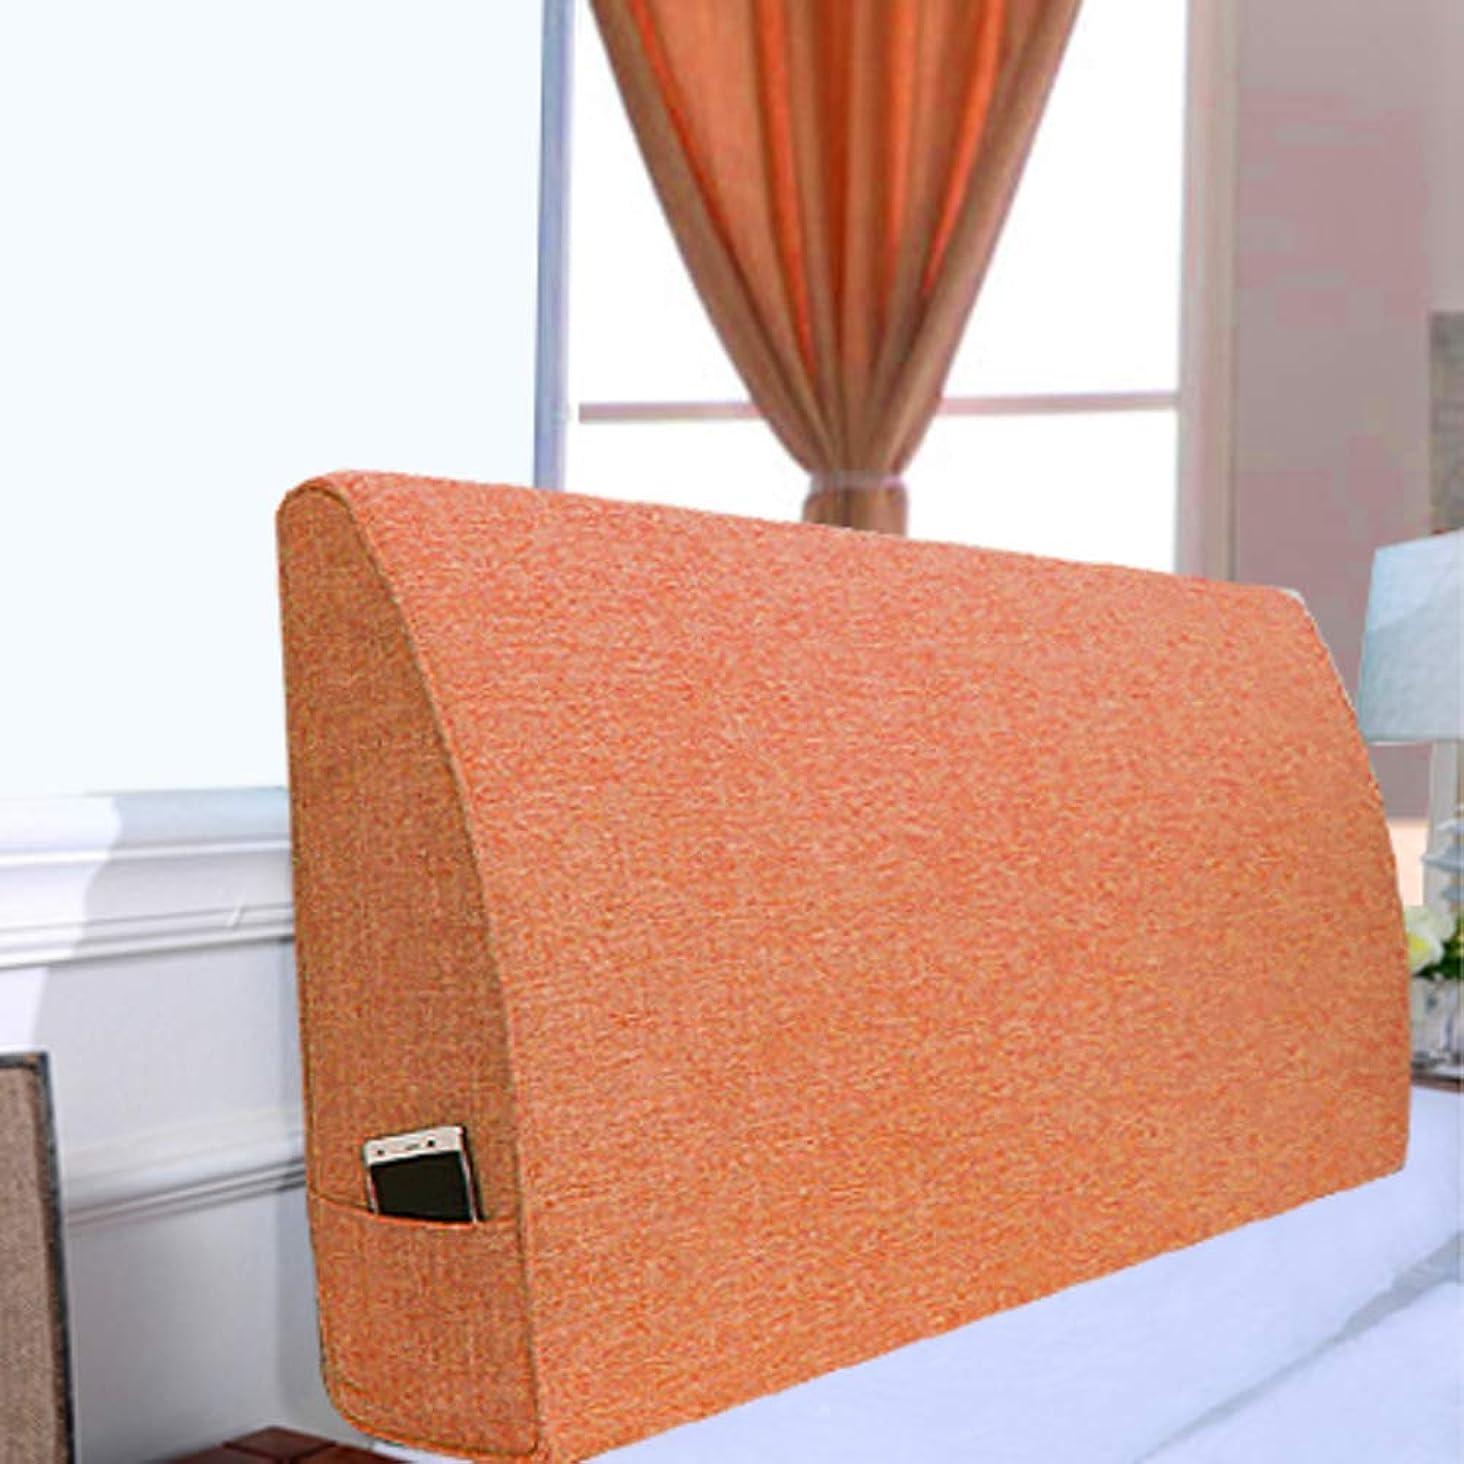 旅バスト不測の事態スポンジの充填 三角ヘッドボードバックレスト大型ウェッジベッドサイドバッククッション洗濯式ソフト布張りソファベッド-h